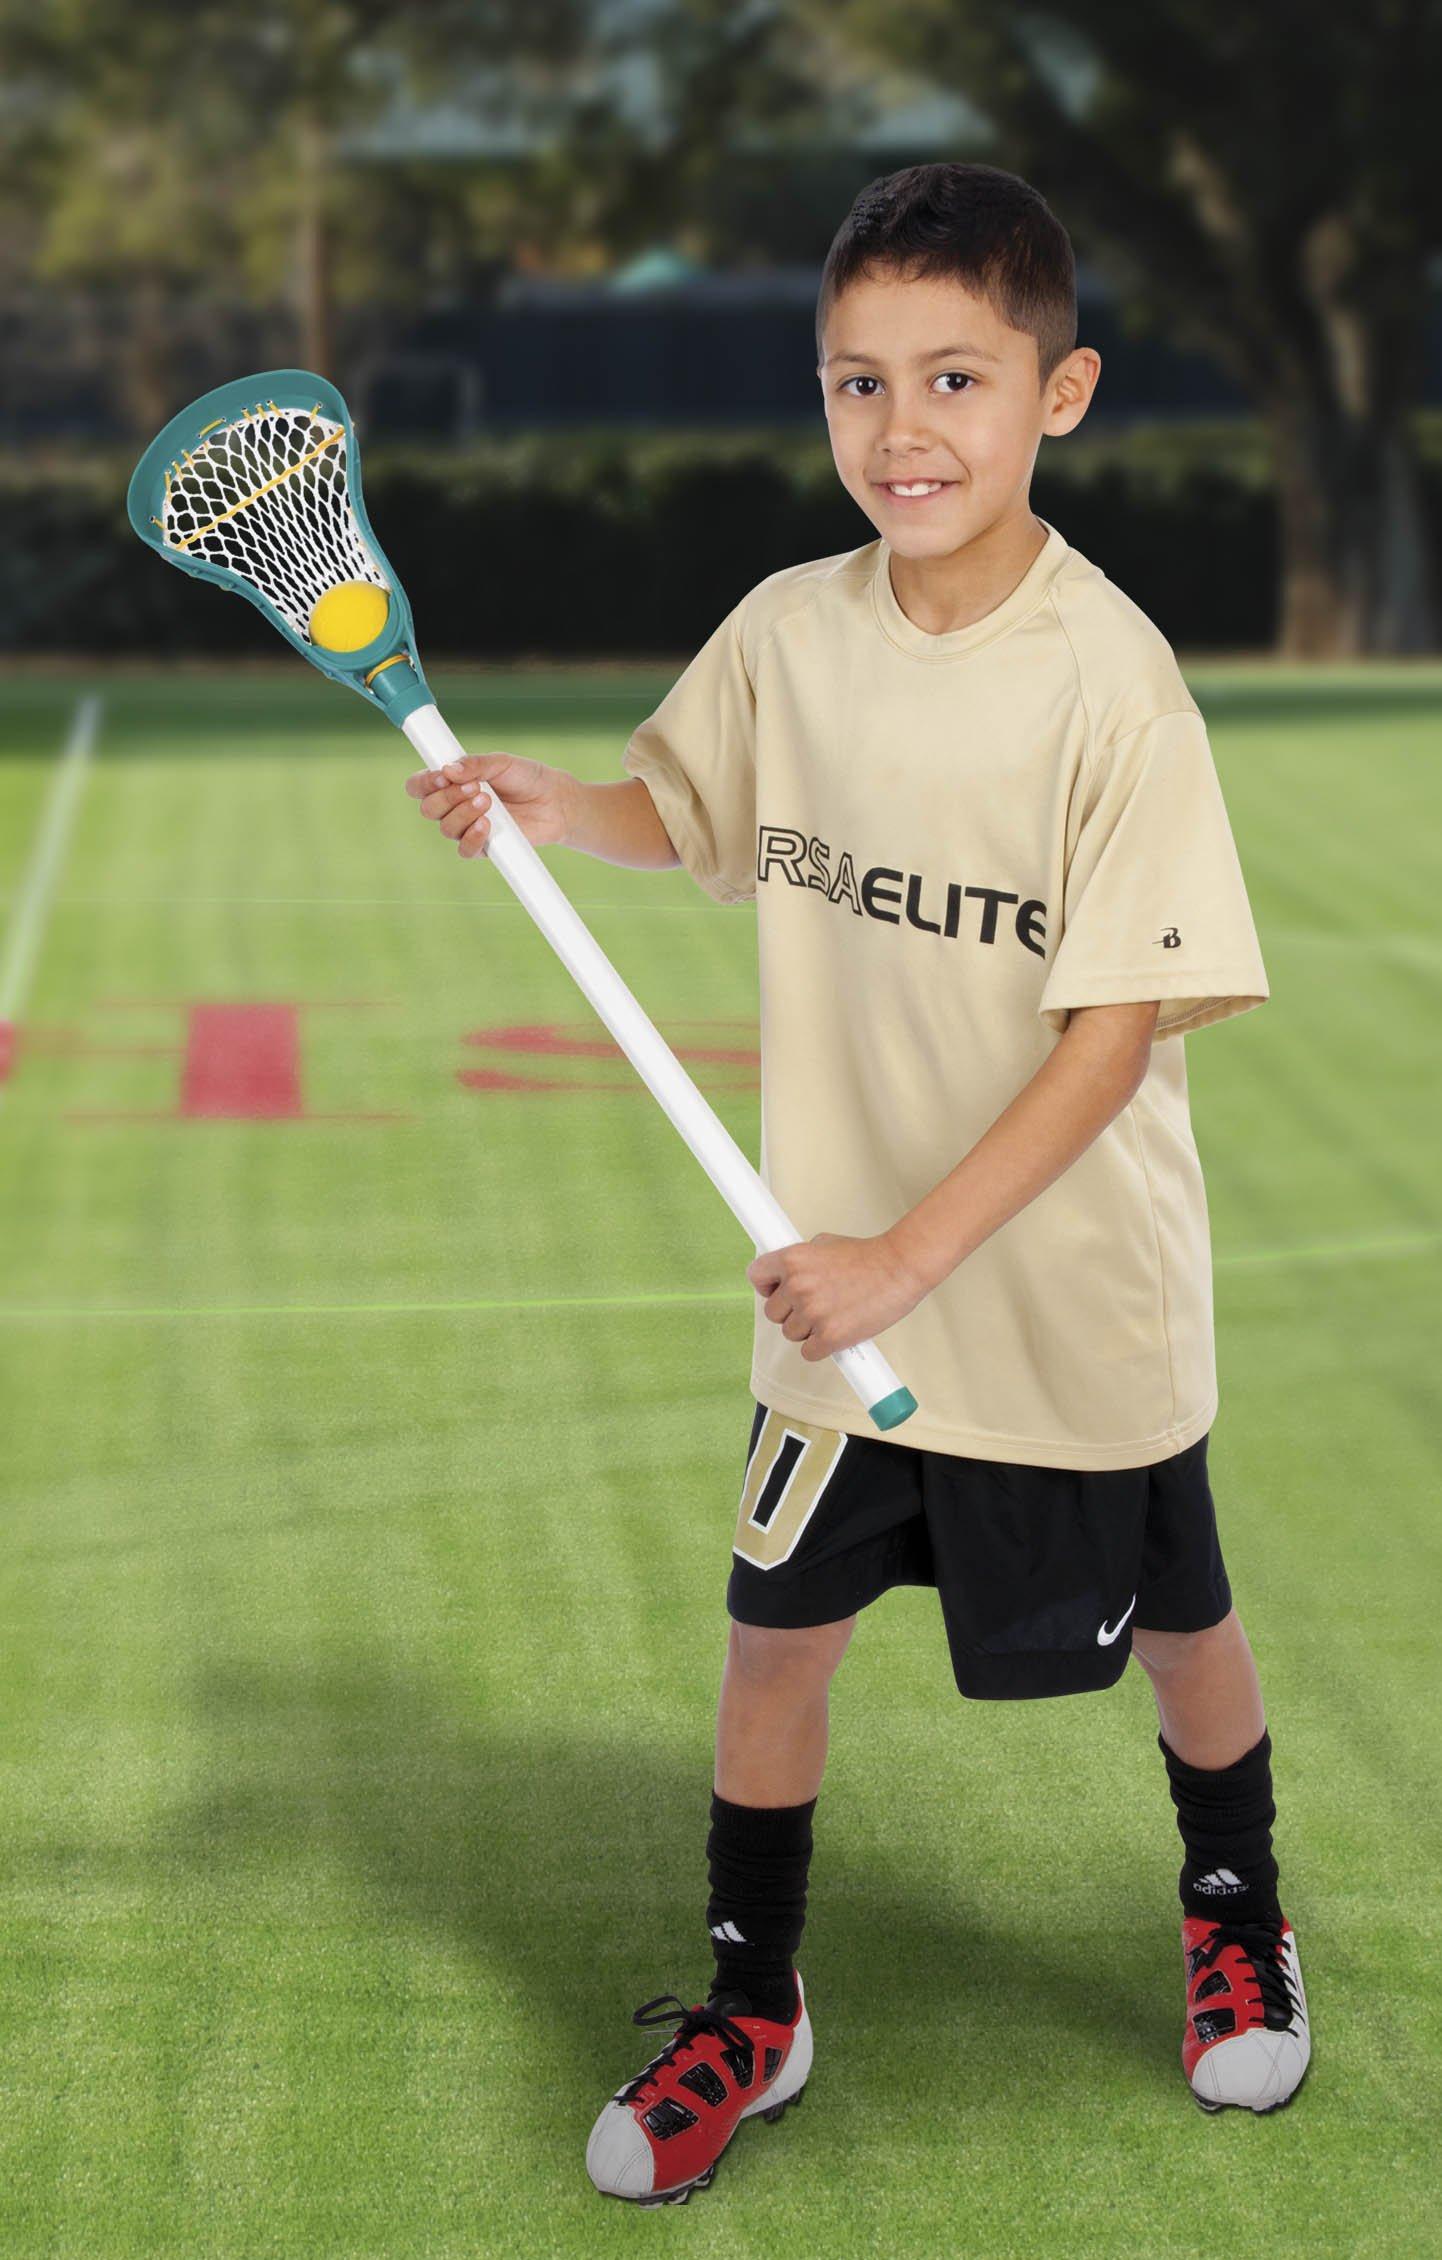 Toysmith Get Outside GO! Lacrosse Set by Toysmith (Image #5)